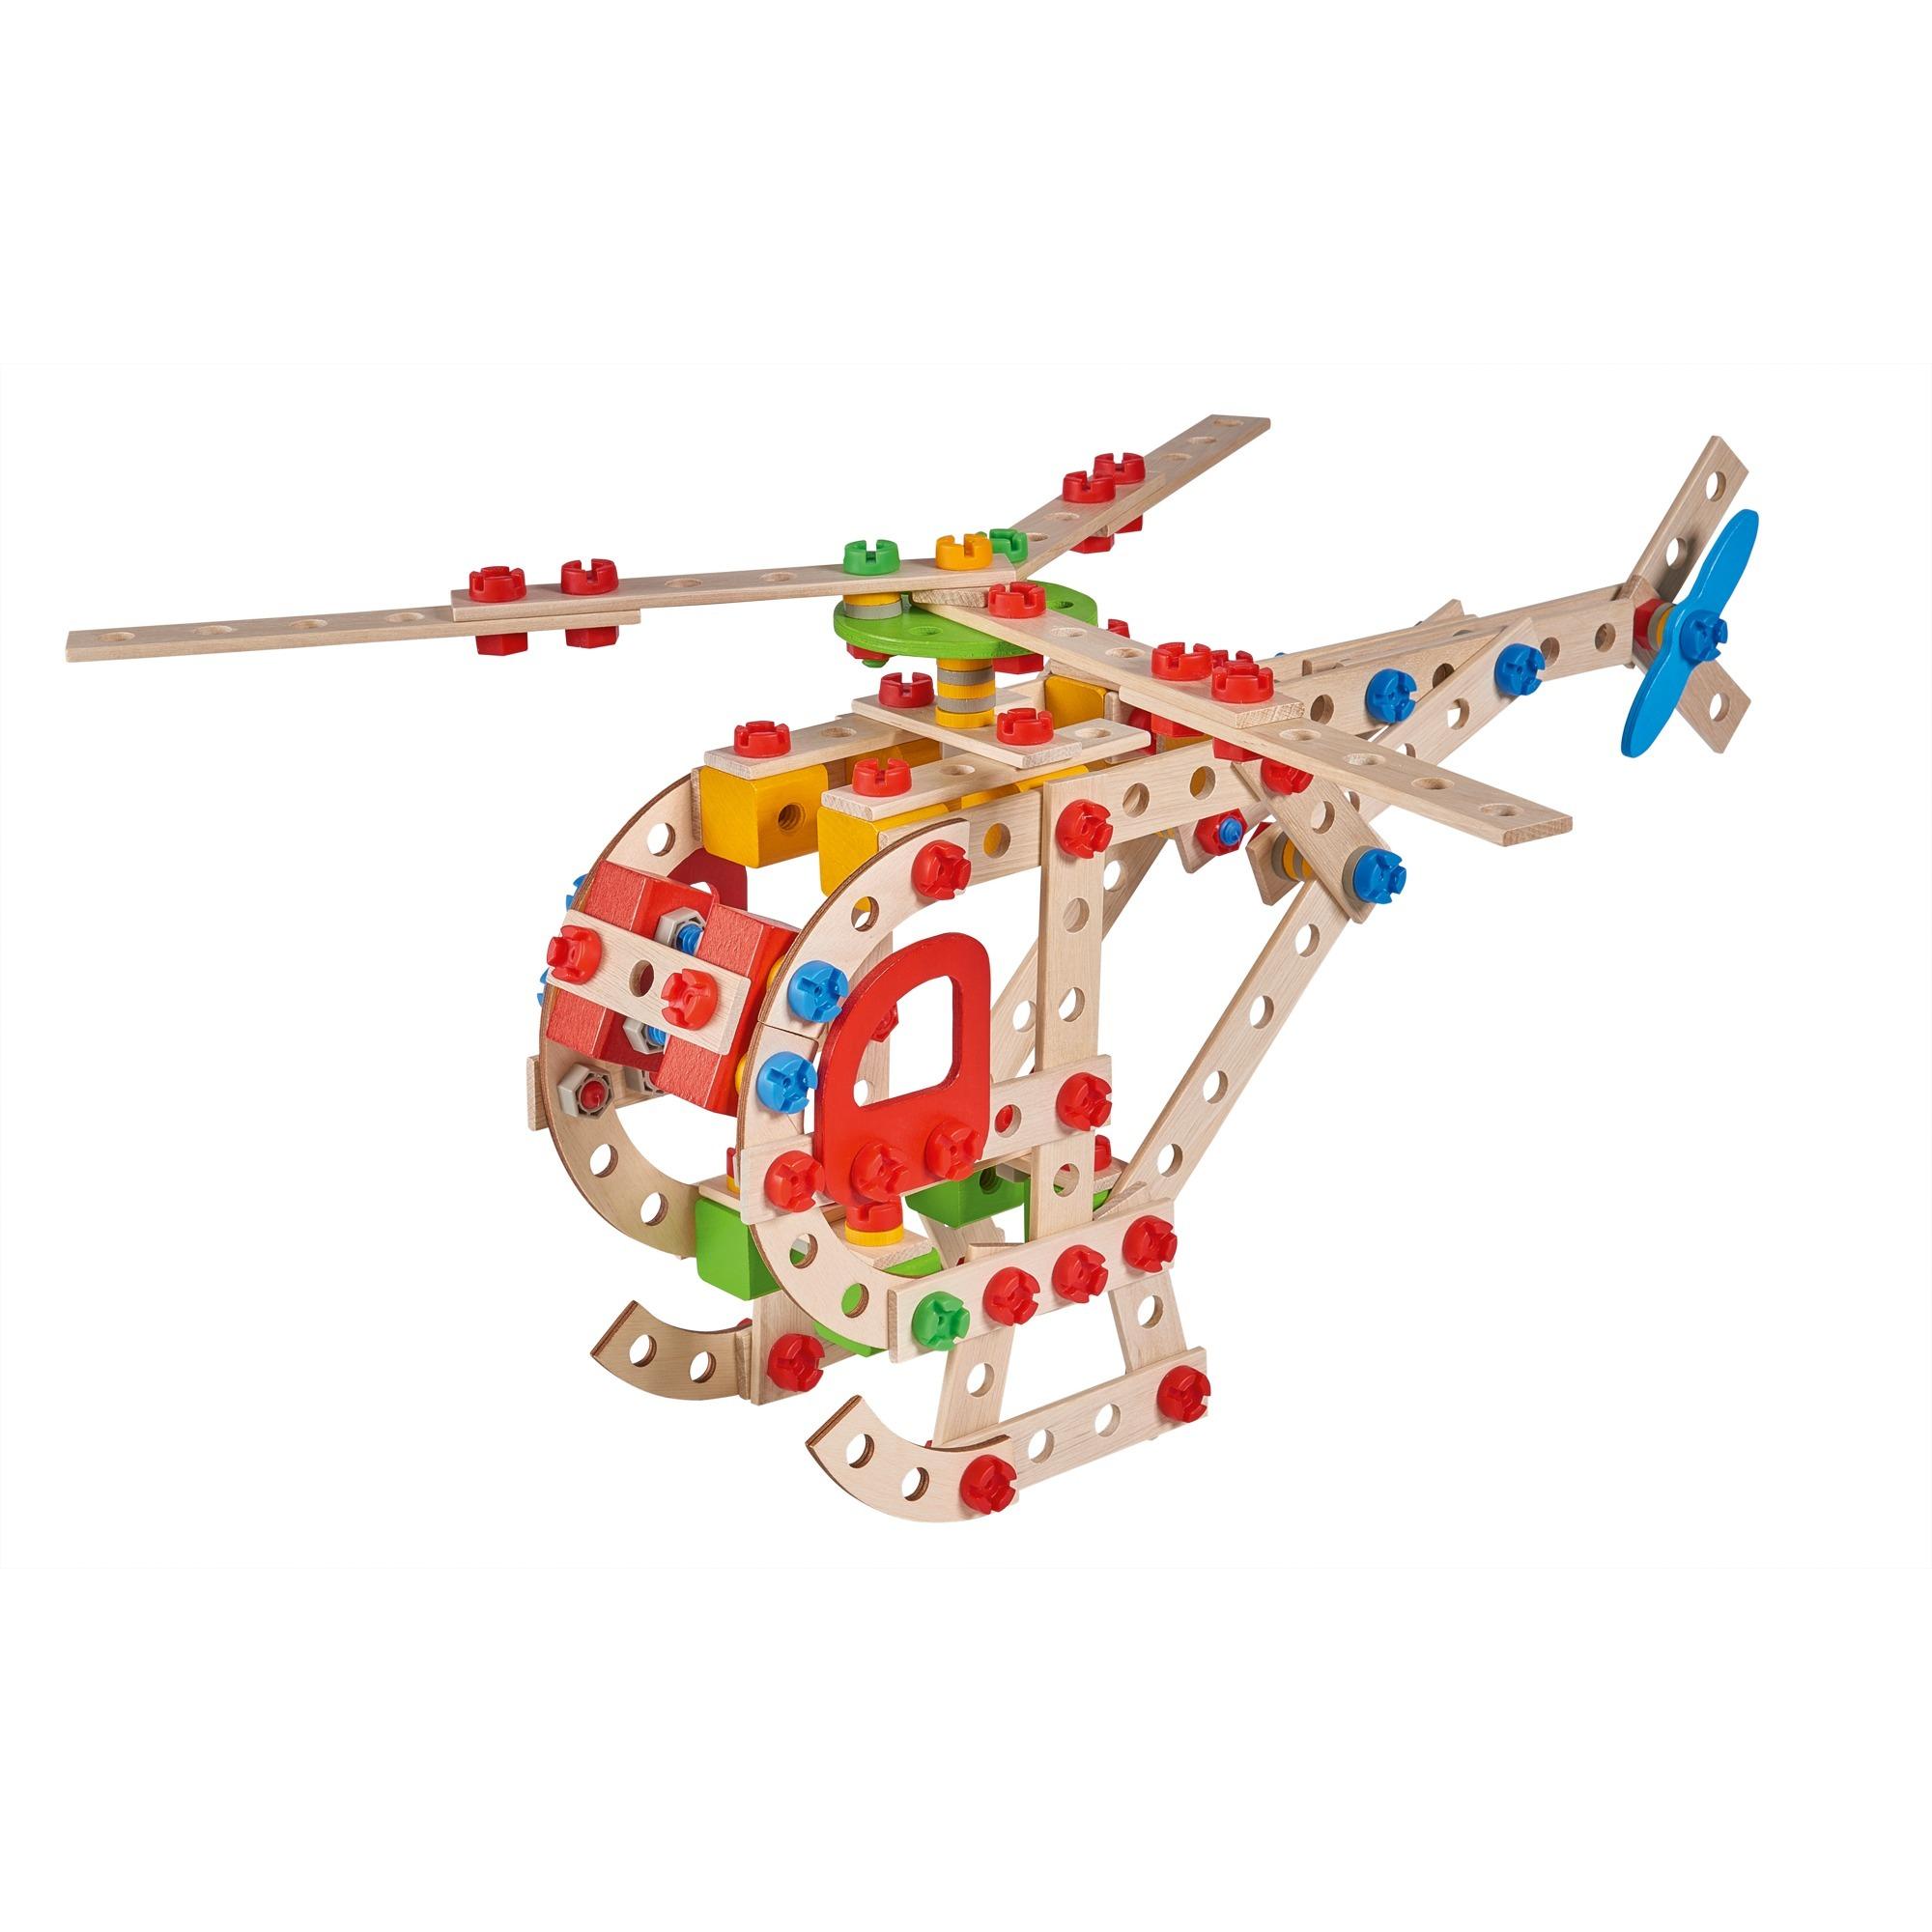 100039048 juguete de construcción Juego de construcción, Juegos de construcción